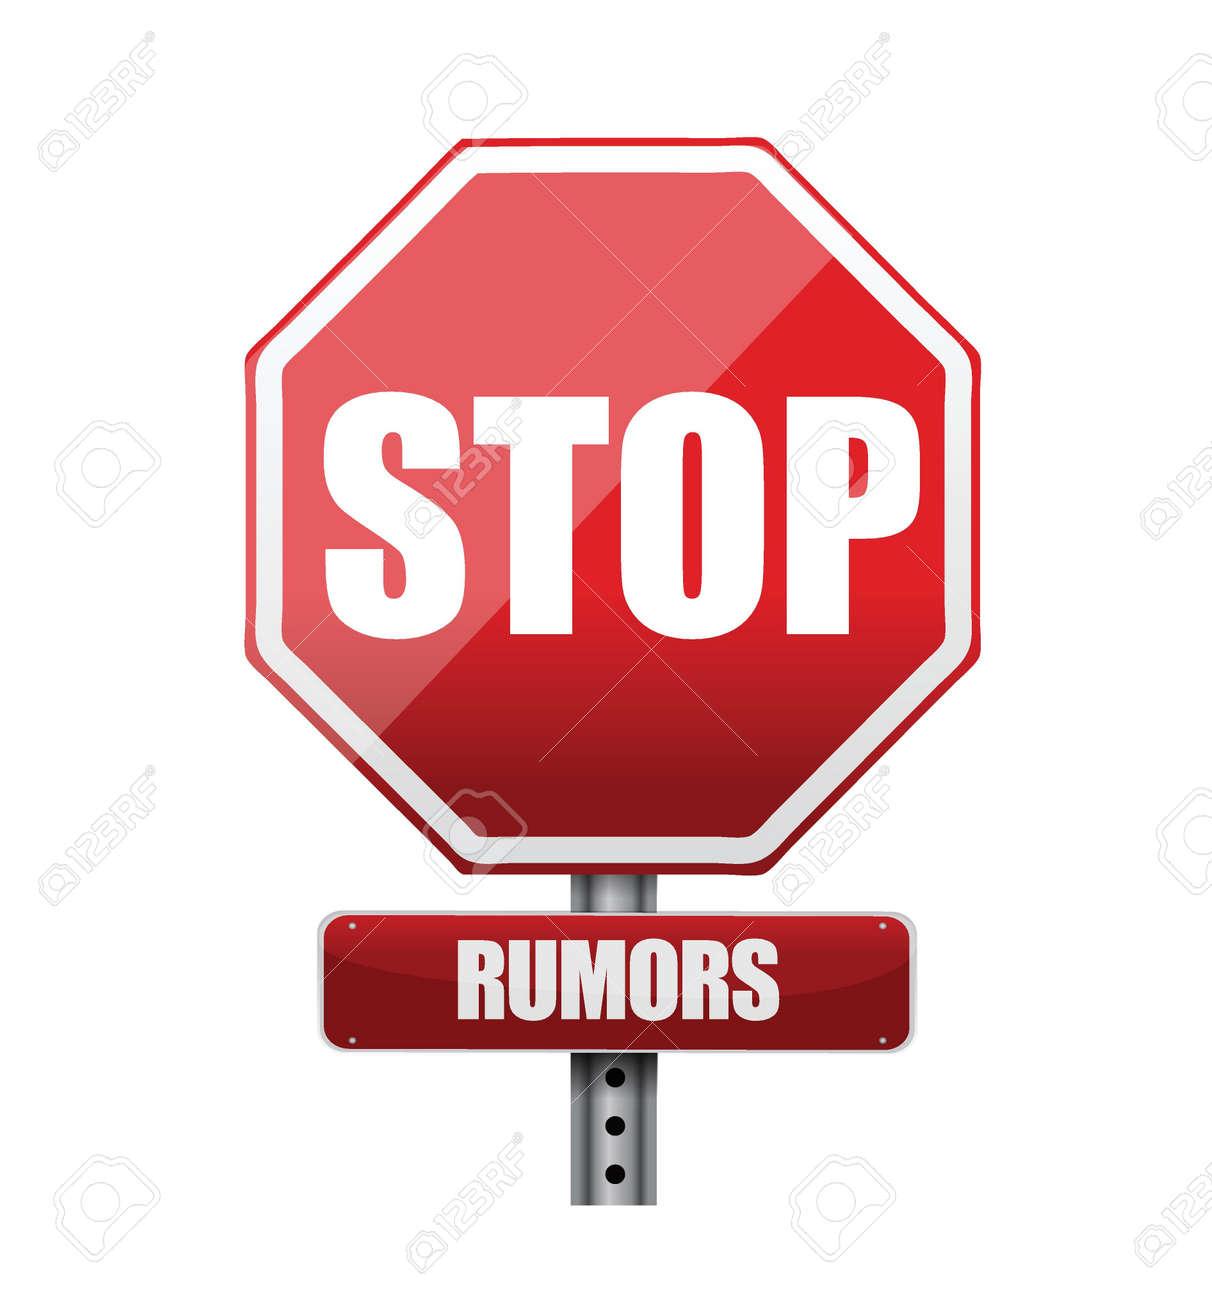 stop rumors road sign illustration design over white Stock Vector - 21764090